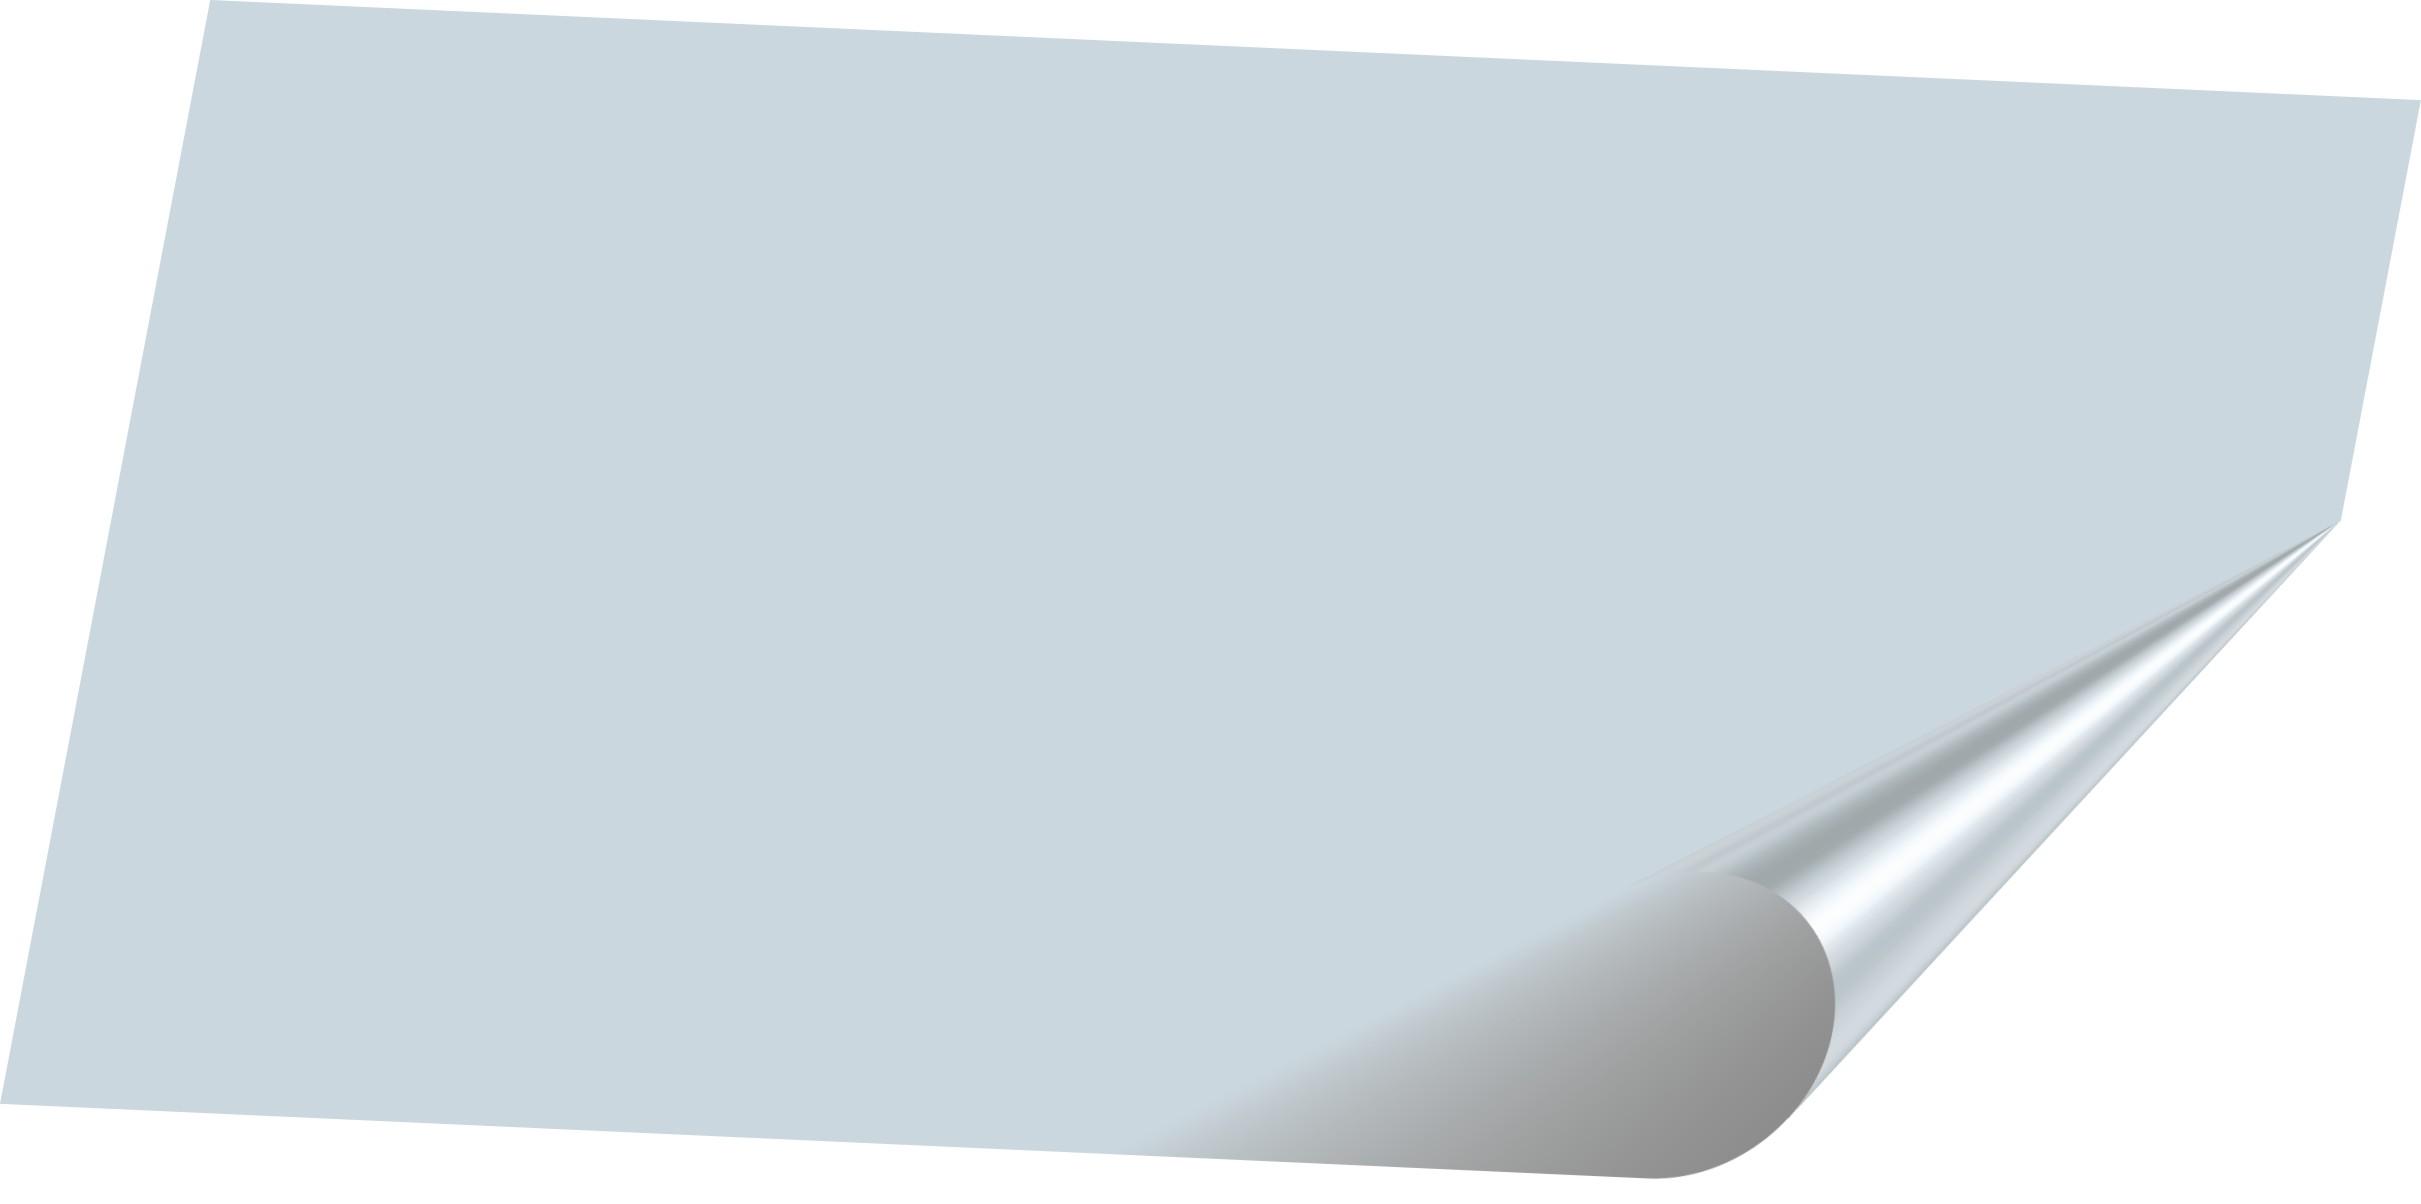 Entspiegelnde Displayschutzfolie Bildschirmschutzfolie 285 x 180 mm (13,3 Zoll)